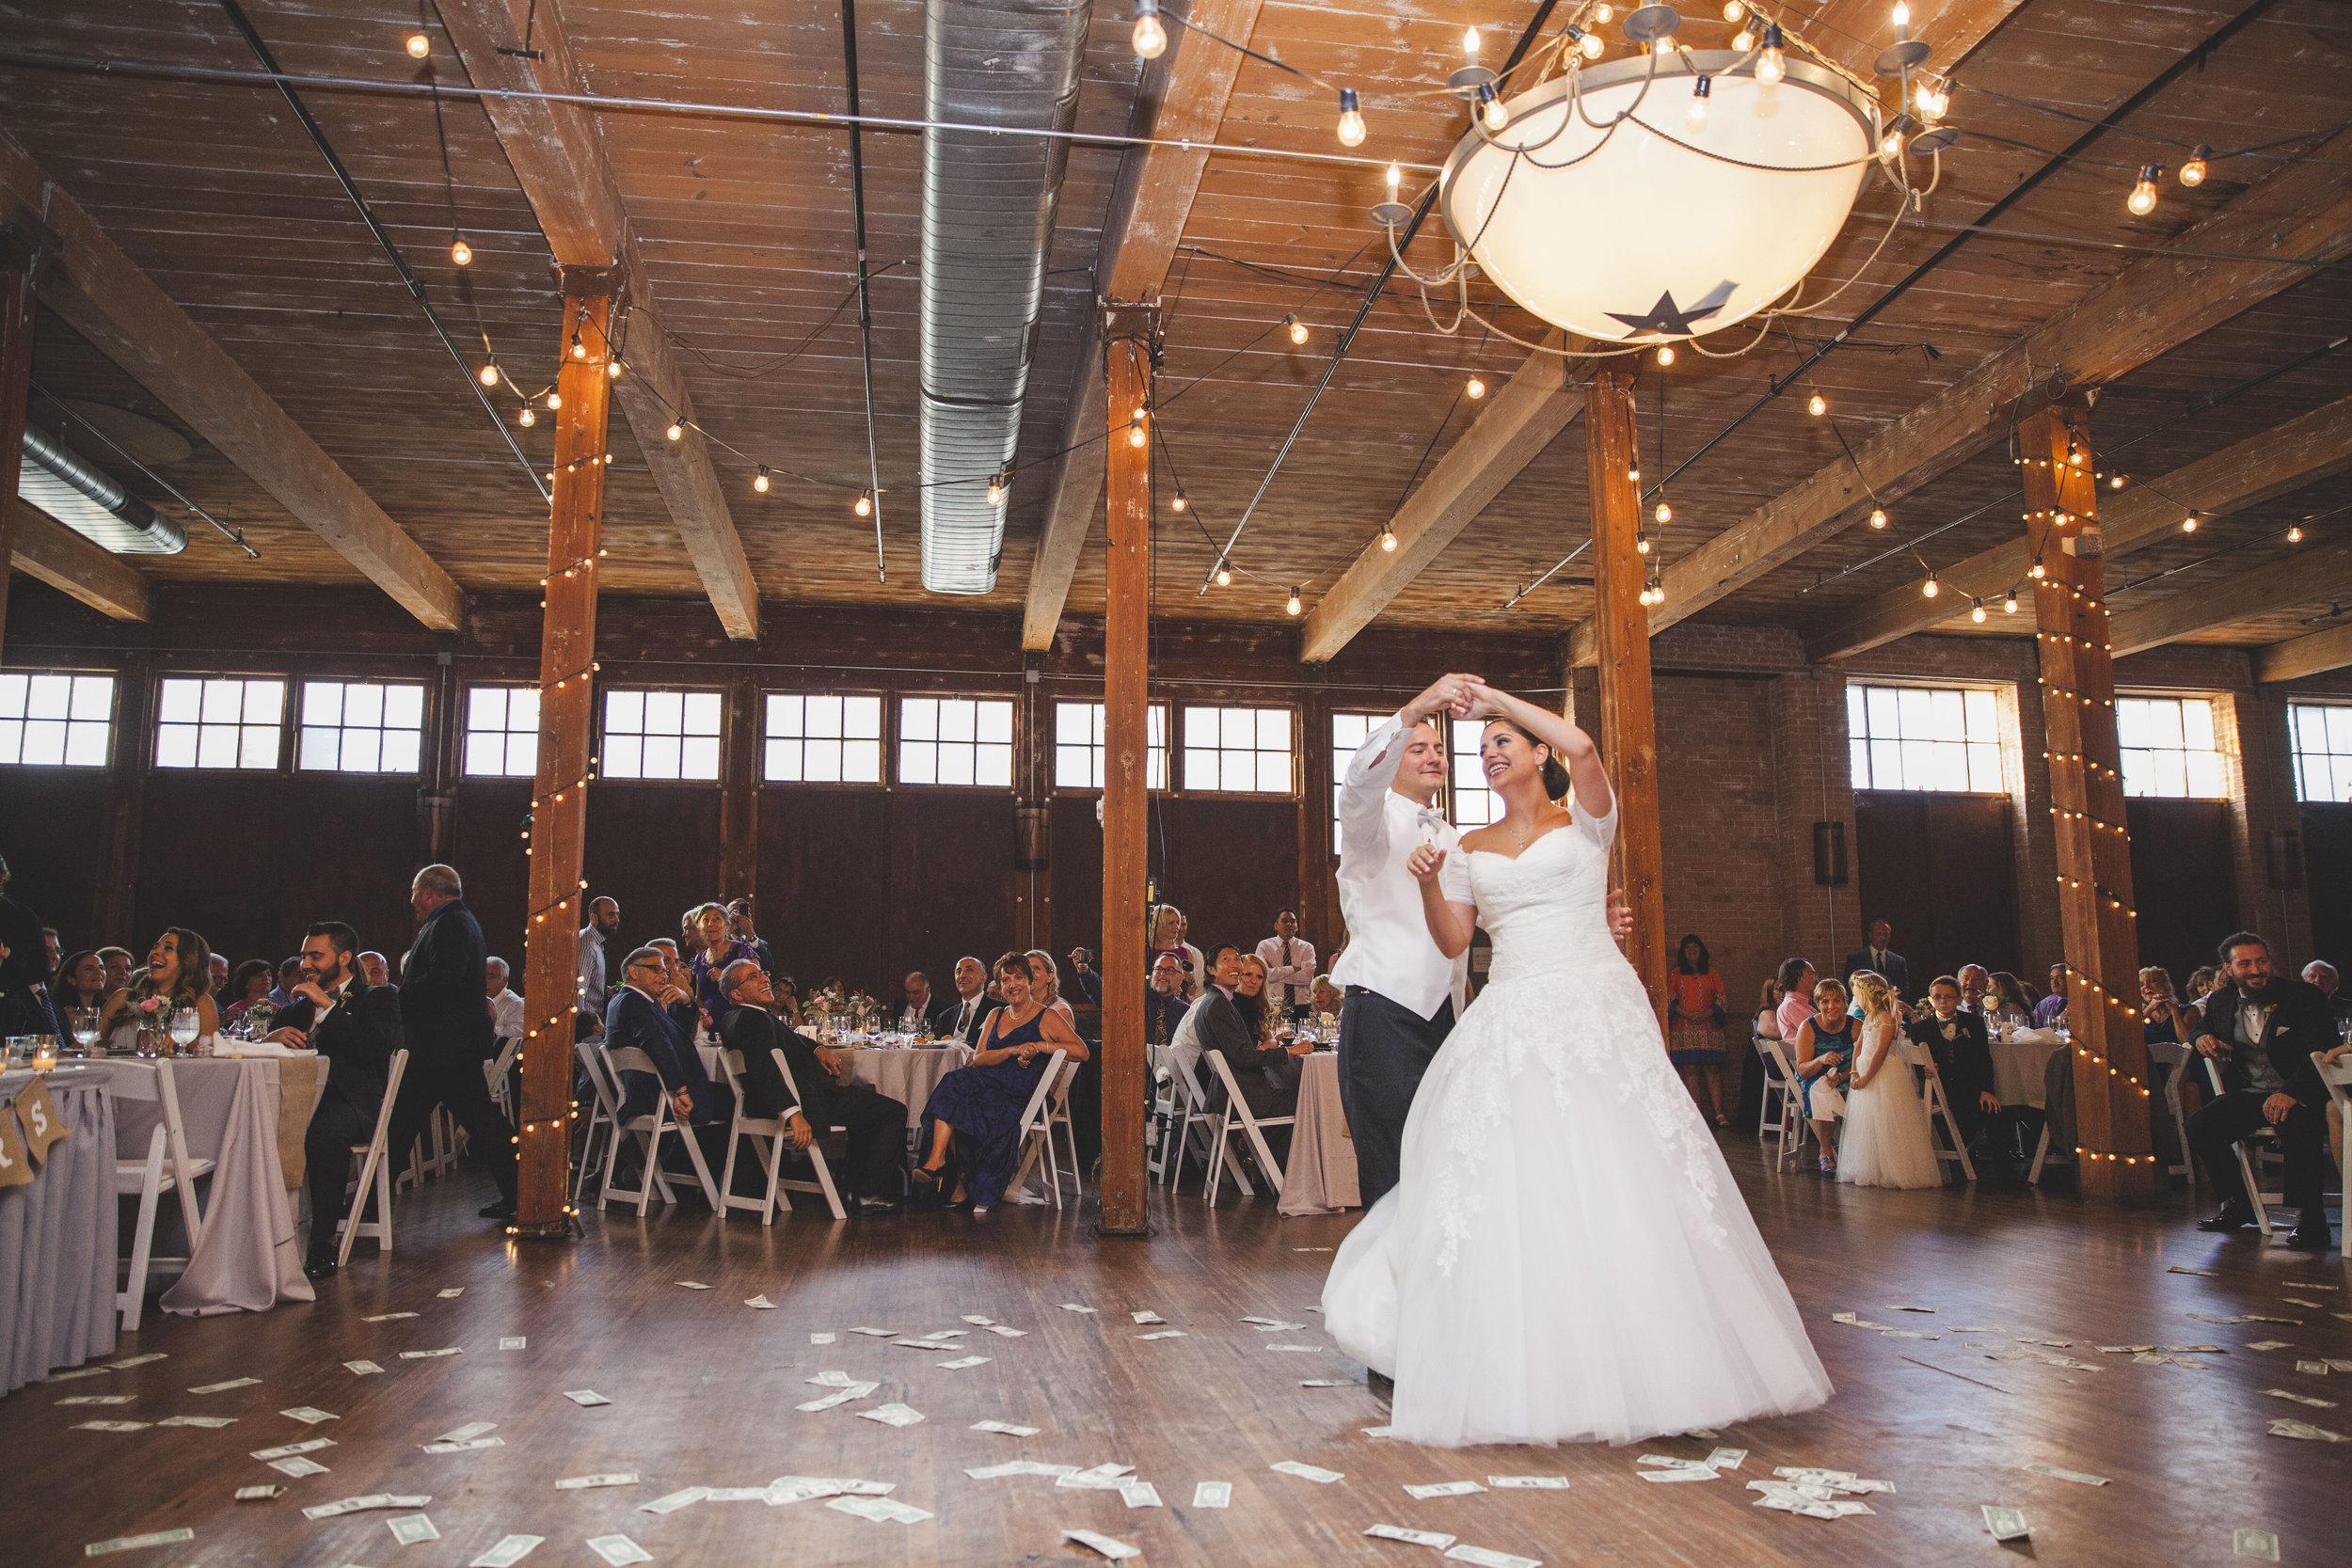 ATGI_Magali & Josh Wedding1__525.jpg